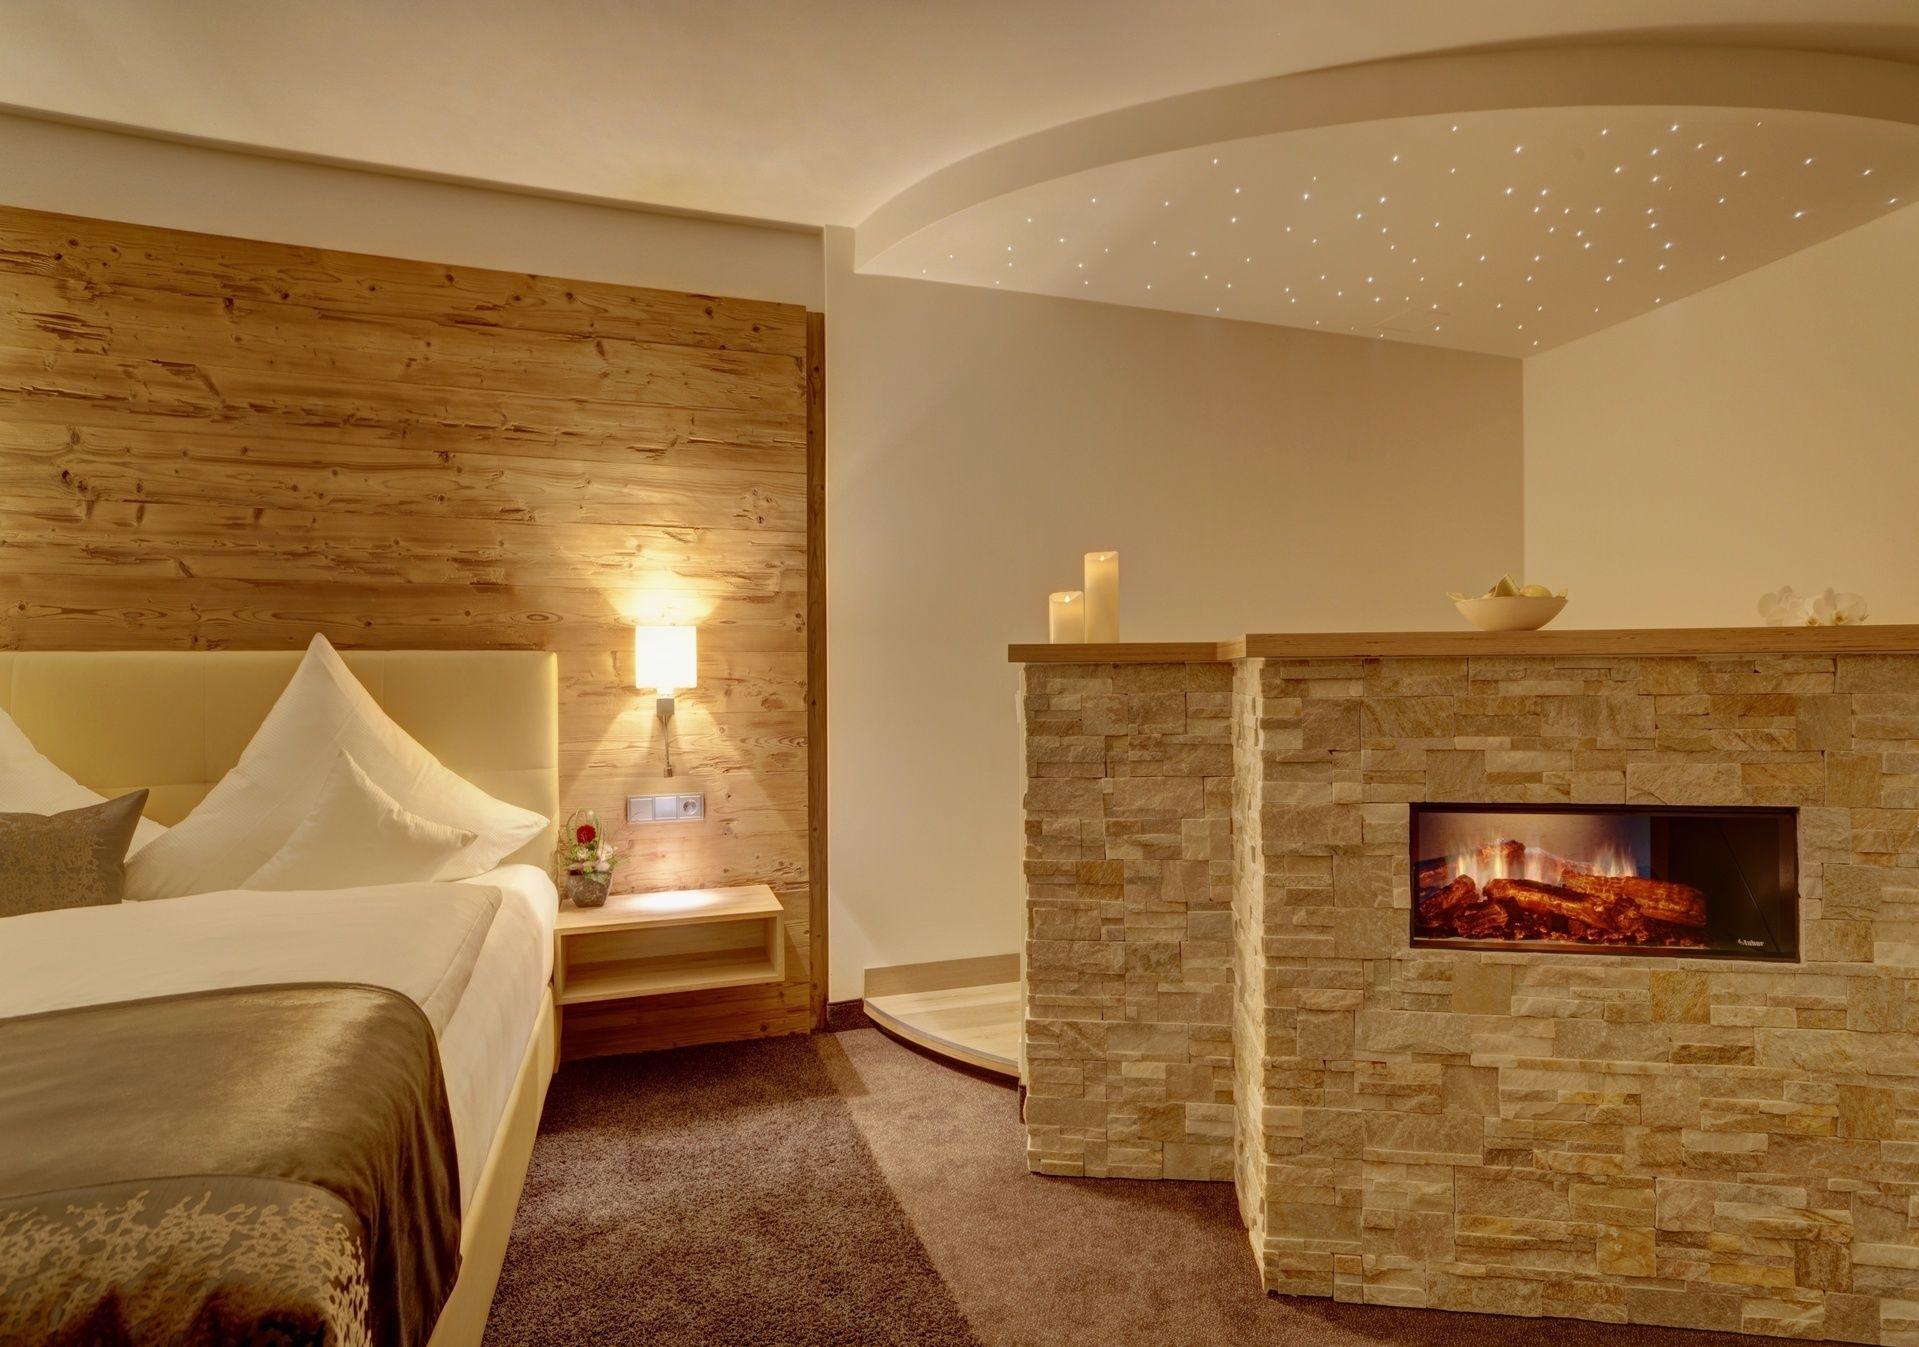 Doppelzimmer Arber Hotel Eibl Brunner 4 Sterne Hotel Wellnessurlaub